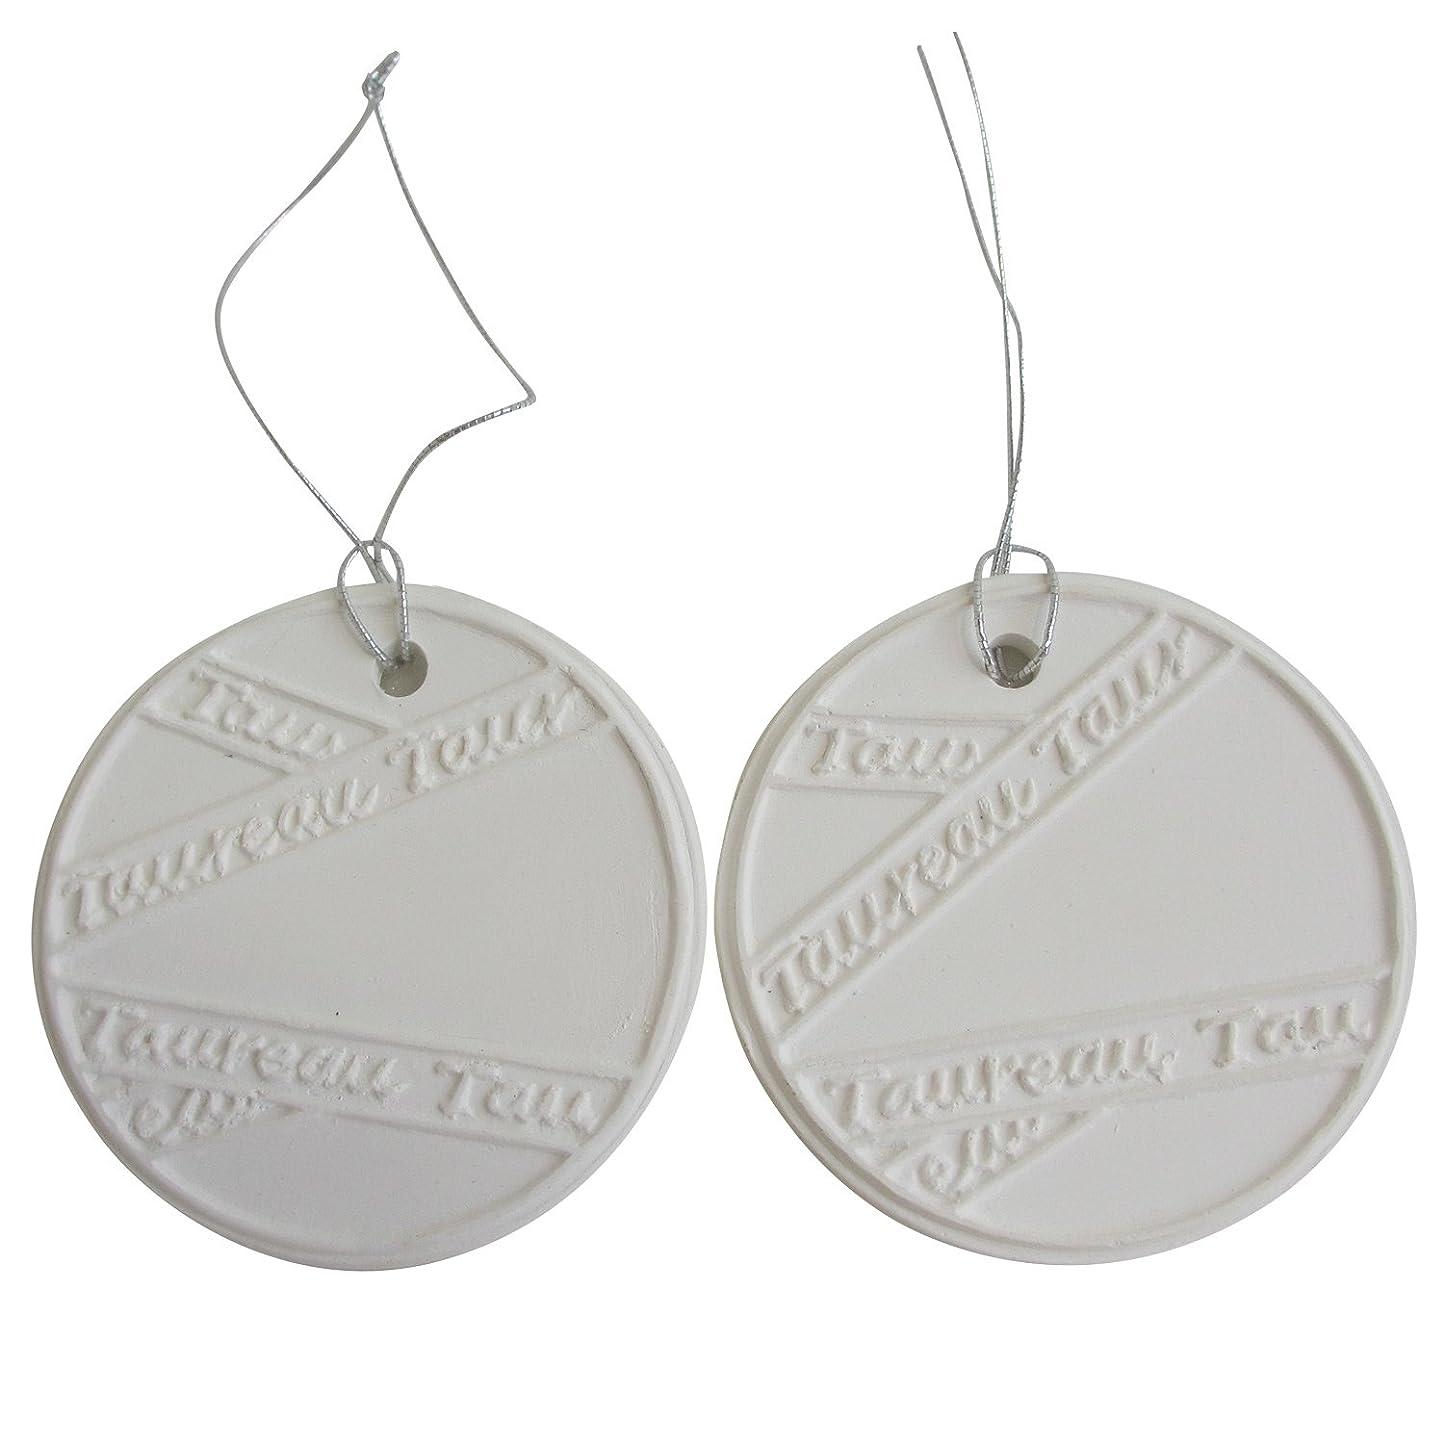 ポンプくるみ形アロマストーン ホワイトコイン2セット(リボン2) アクセサリー 小物 キーホルダー アロマディフューザー ペンダント 陶器製